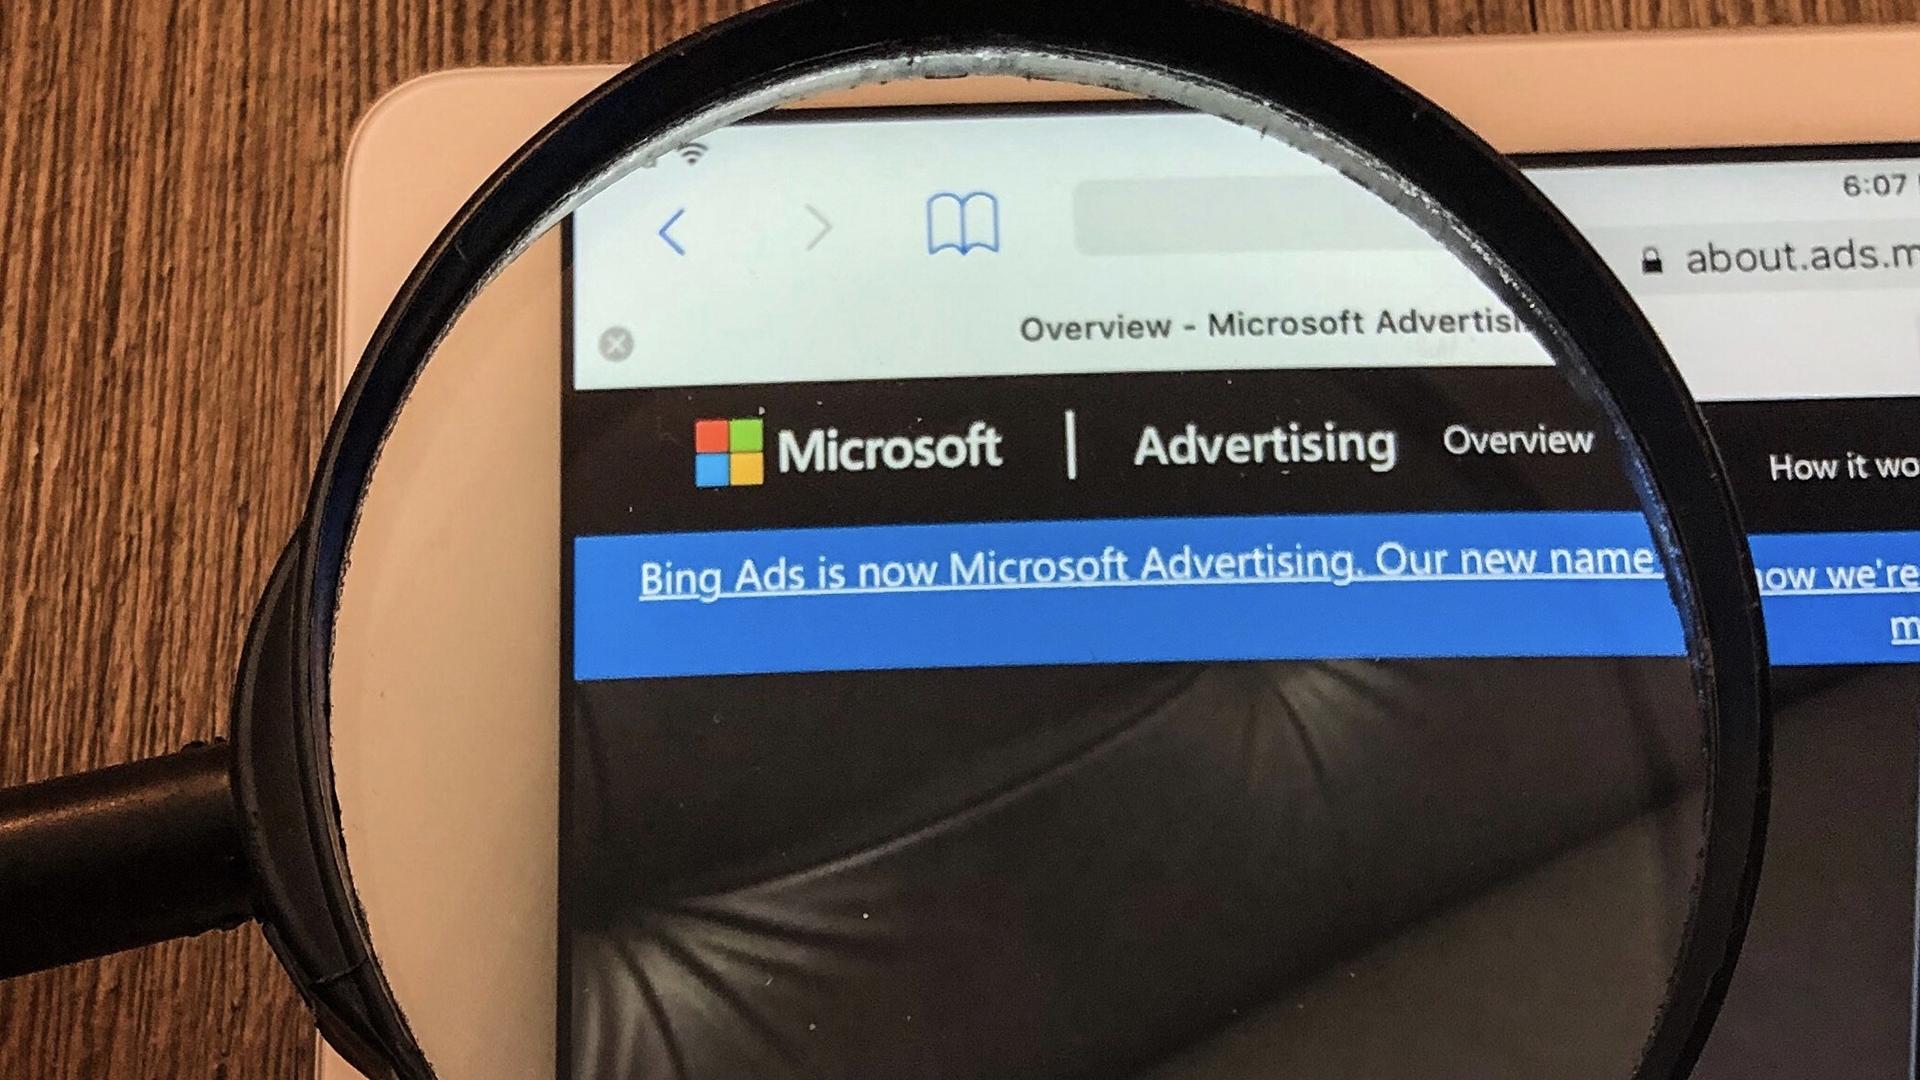 Microsoft Advertising agrega seguridad de marca con la asociación con IAS